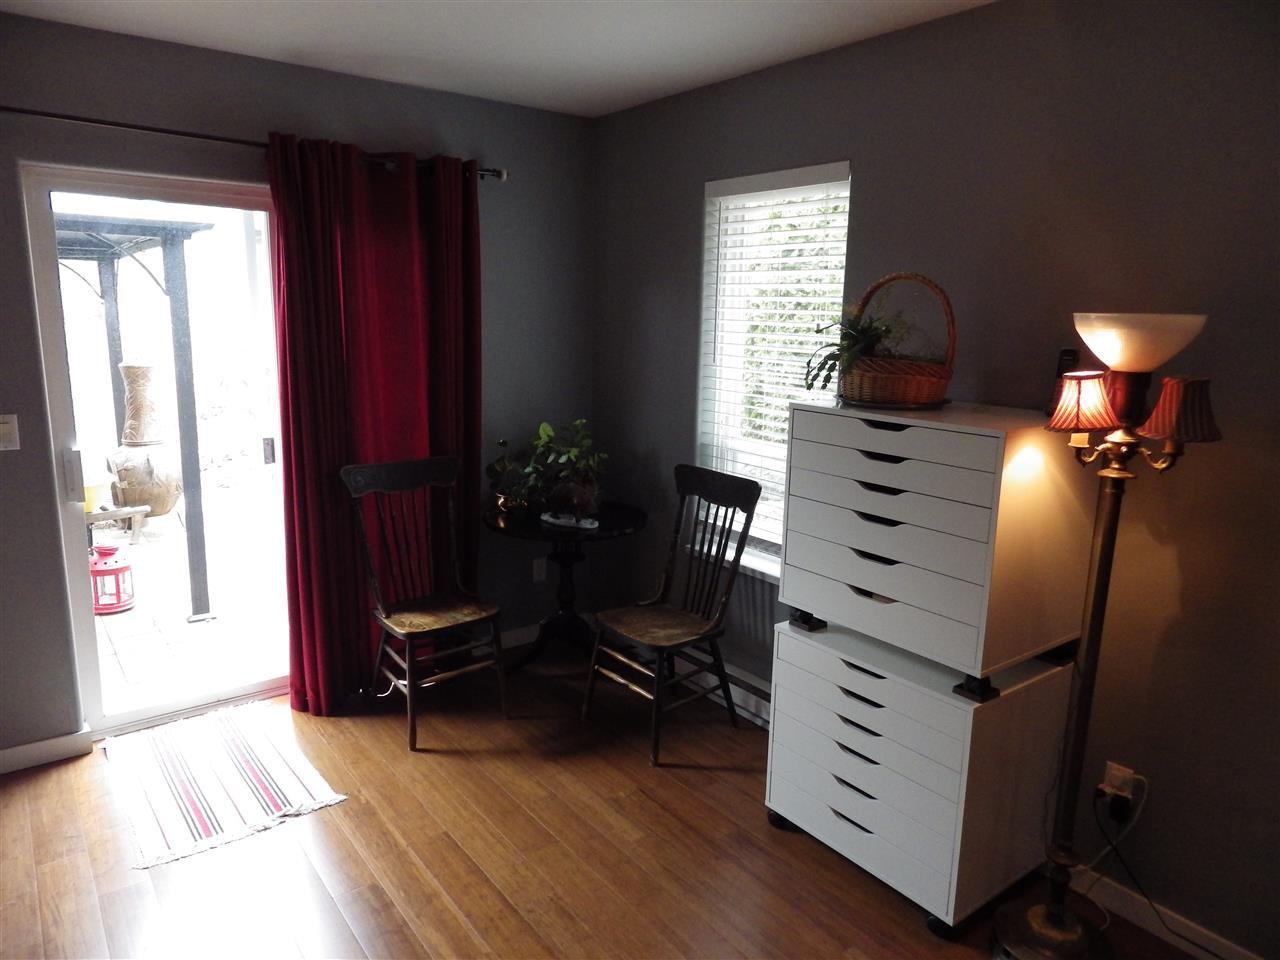 Photo 9: Photos: 5599 MEDUSA Place in Sechelt: Sechelt District House for sale (Sunshine Coast)  : MLS®# R2344394